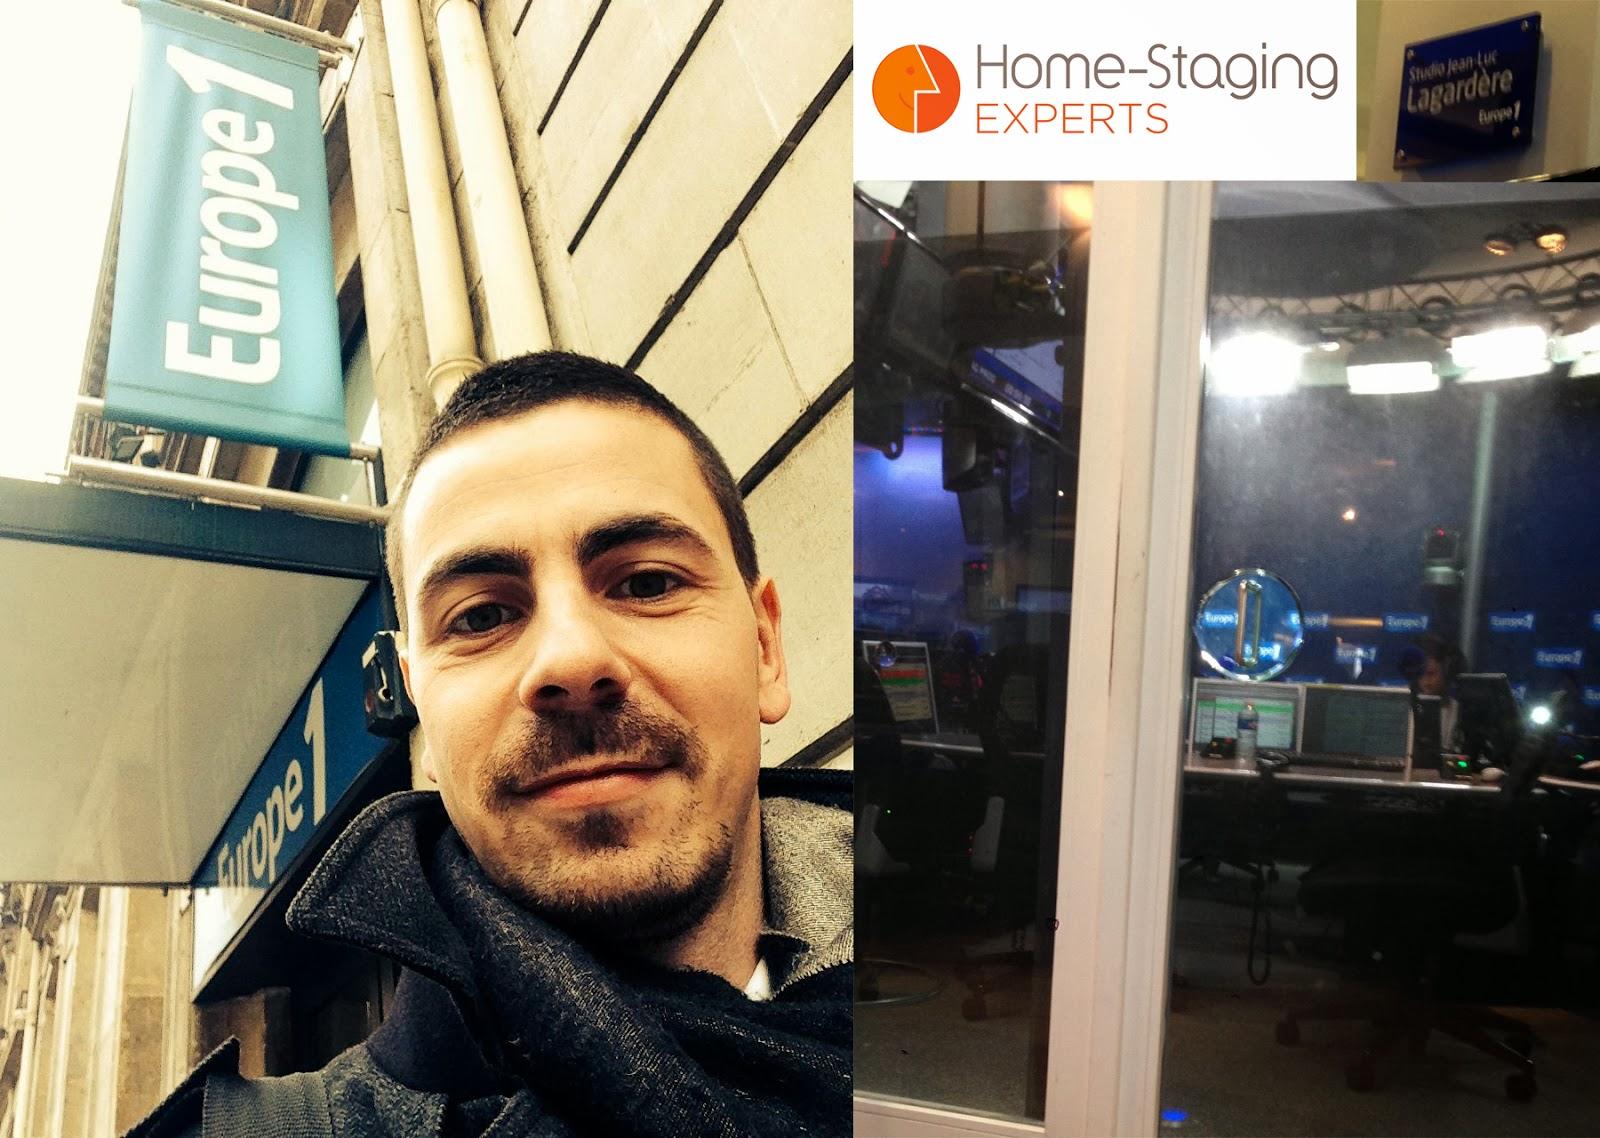 vendez plus vite votre bien home staging sur europe 1 les coulisses de mon interview. Black Bedroom Furniture Sets. Home Design Ideas